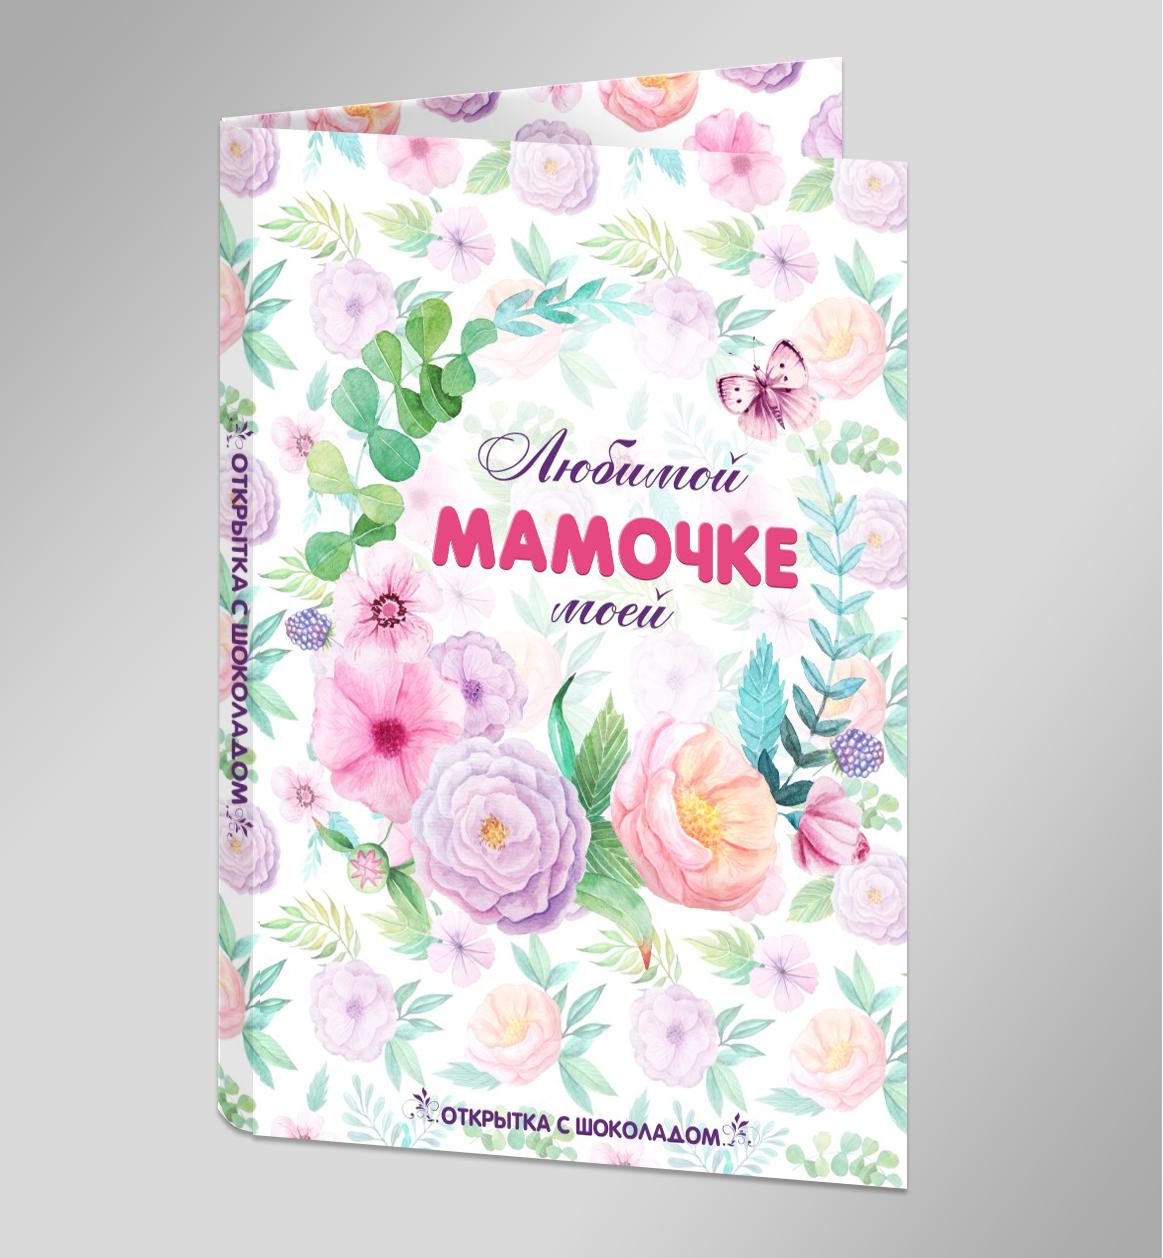 Красивые открытки любимой маме, днем рождения именем